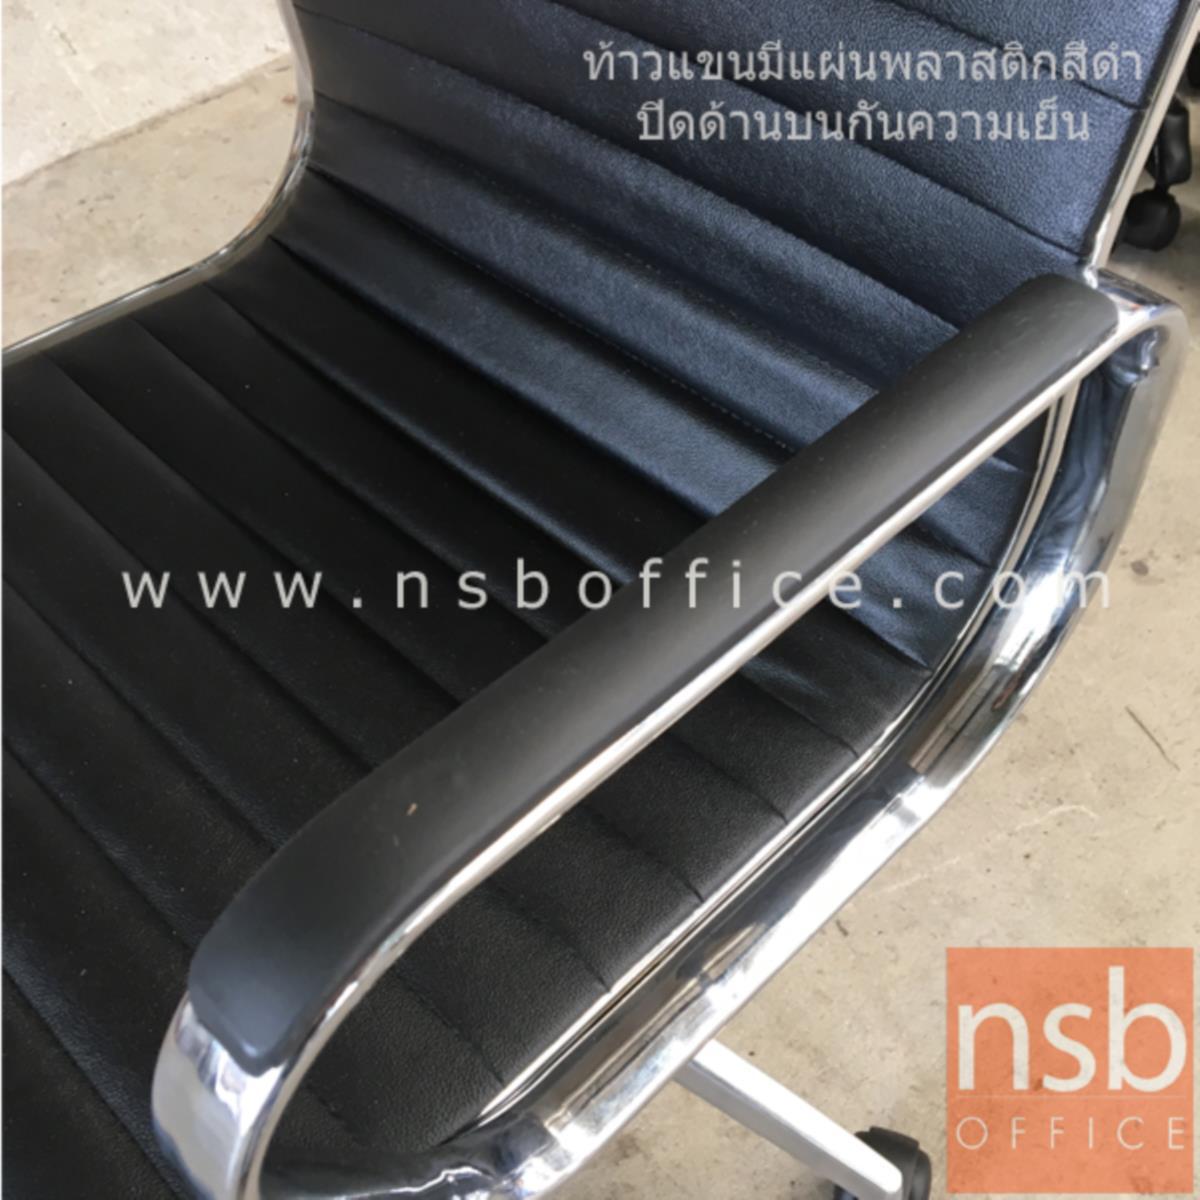 เก้าอี้ผู้บริหารหลังเน็ต รุ่น JR-655K  โช๊คแก๊ส มีก้อนโยก ขาอลูมิเนียม